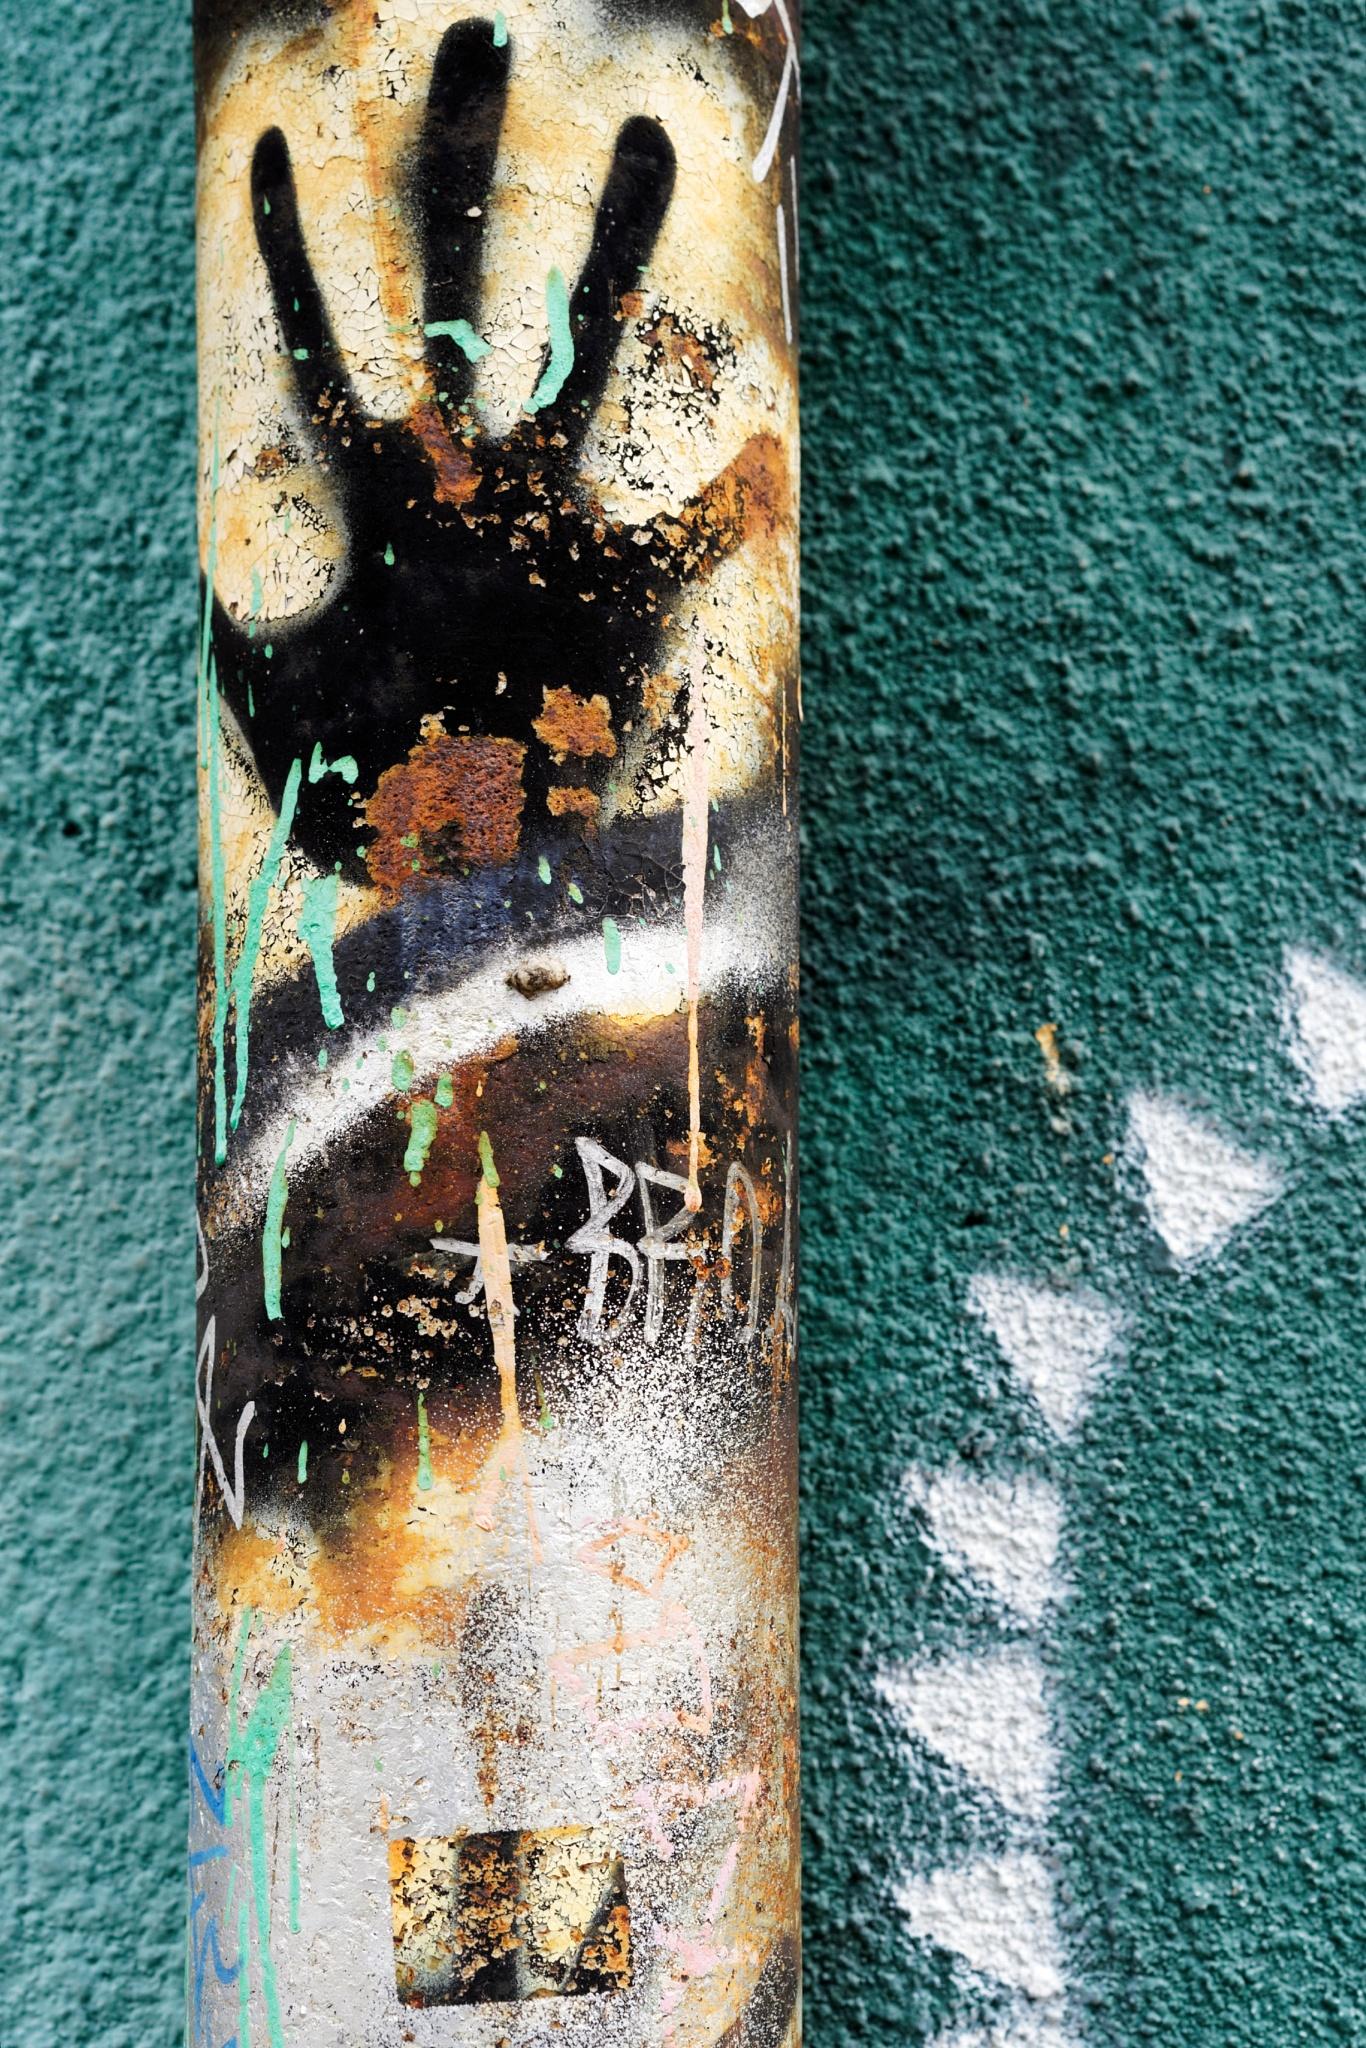 Street art by Marko Erman